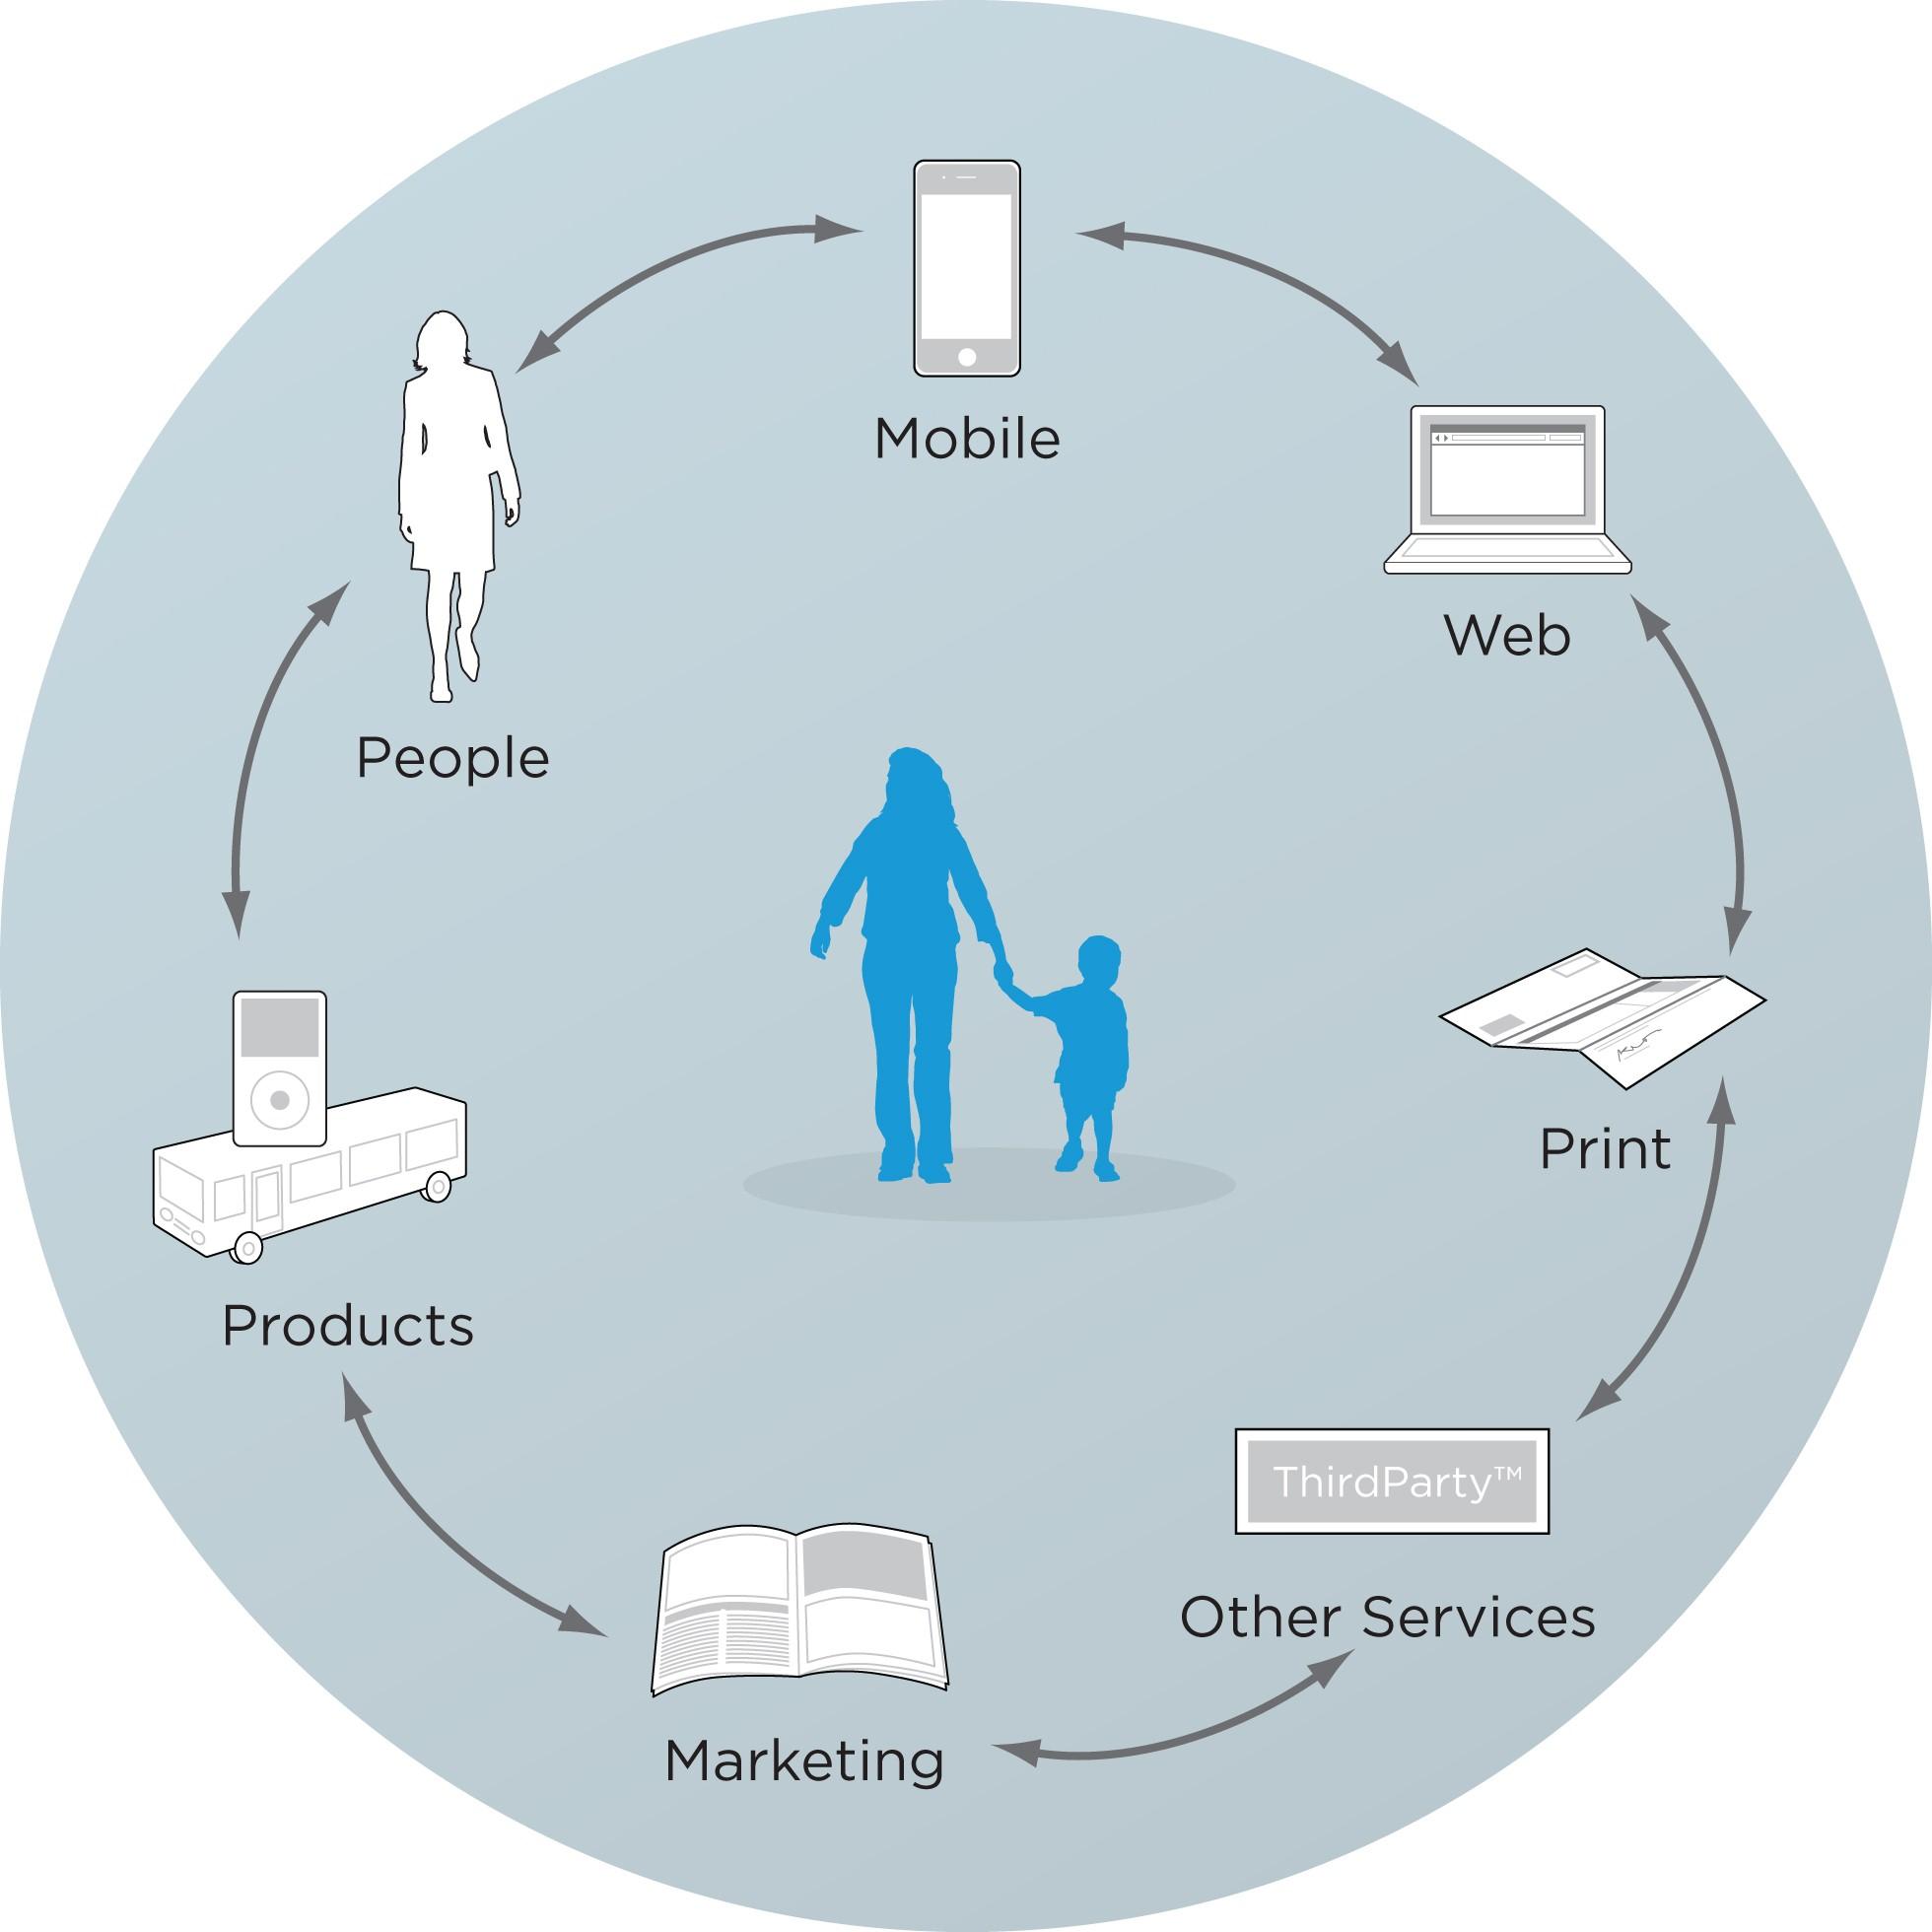 بهبود تجربه سفر مشتری در سیستم با استفاده از نقشه برداری از نقاط تعامل کاربر با محصول (Touchpoints)